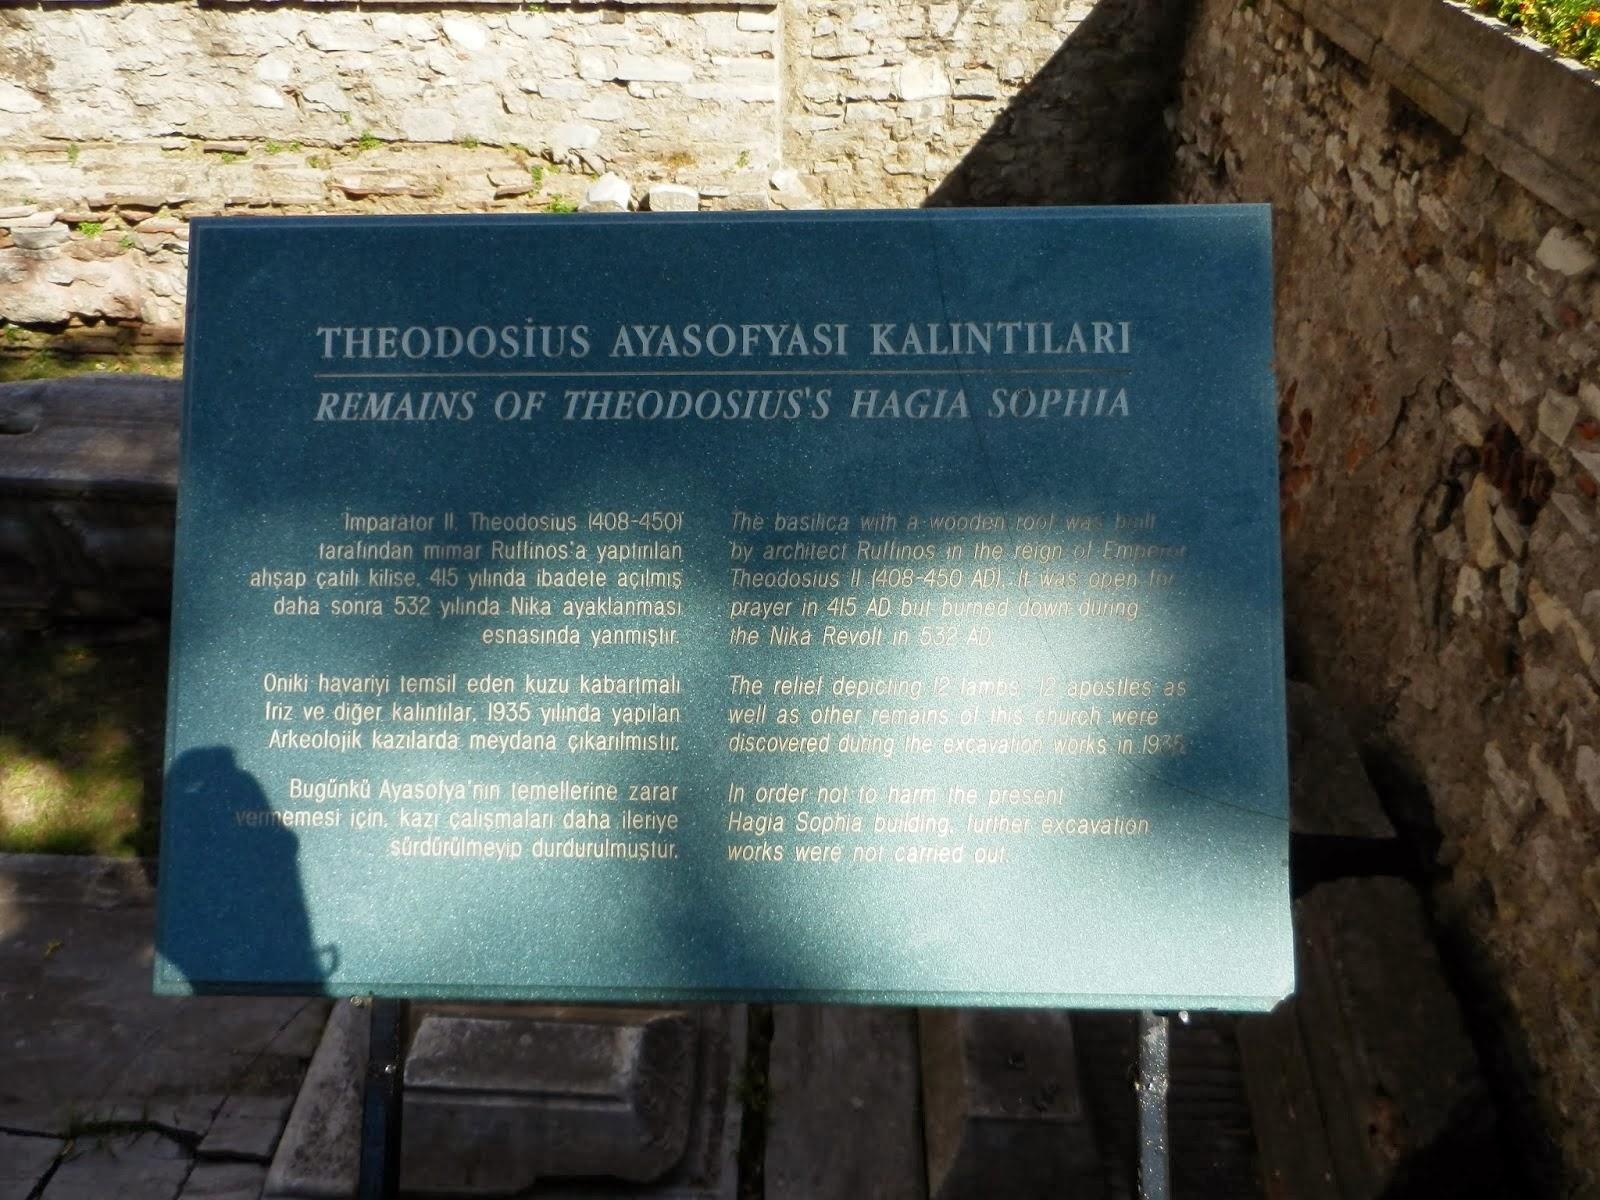 Информационная табличка, котлован, место раскопок, Собор Святой Софии, Стамбул, Константинополь, причина остановки раскопок